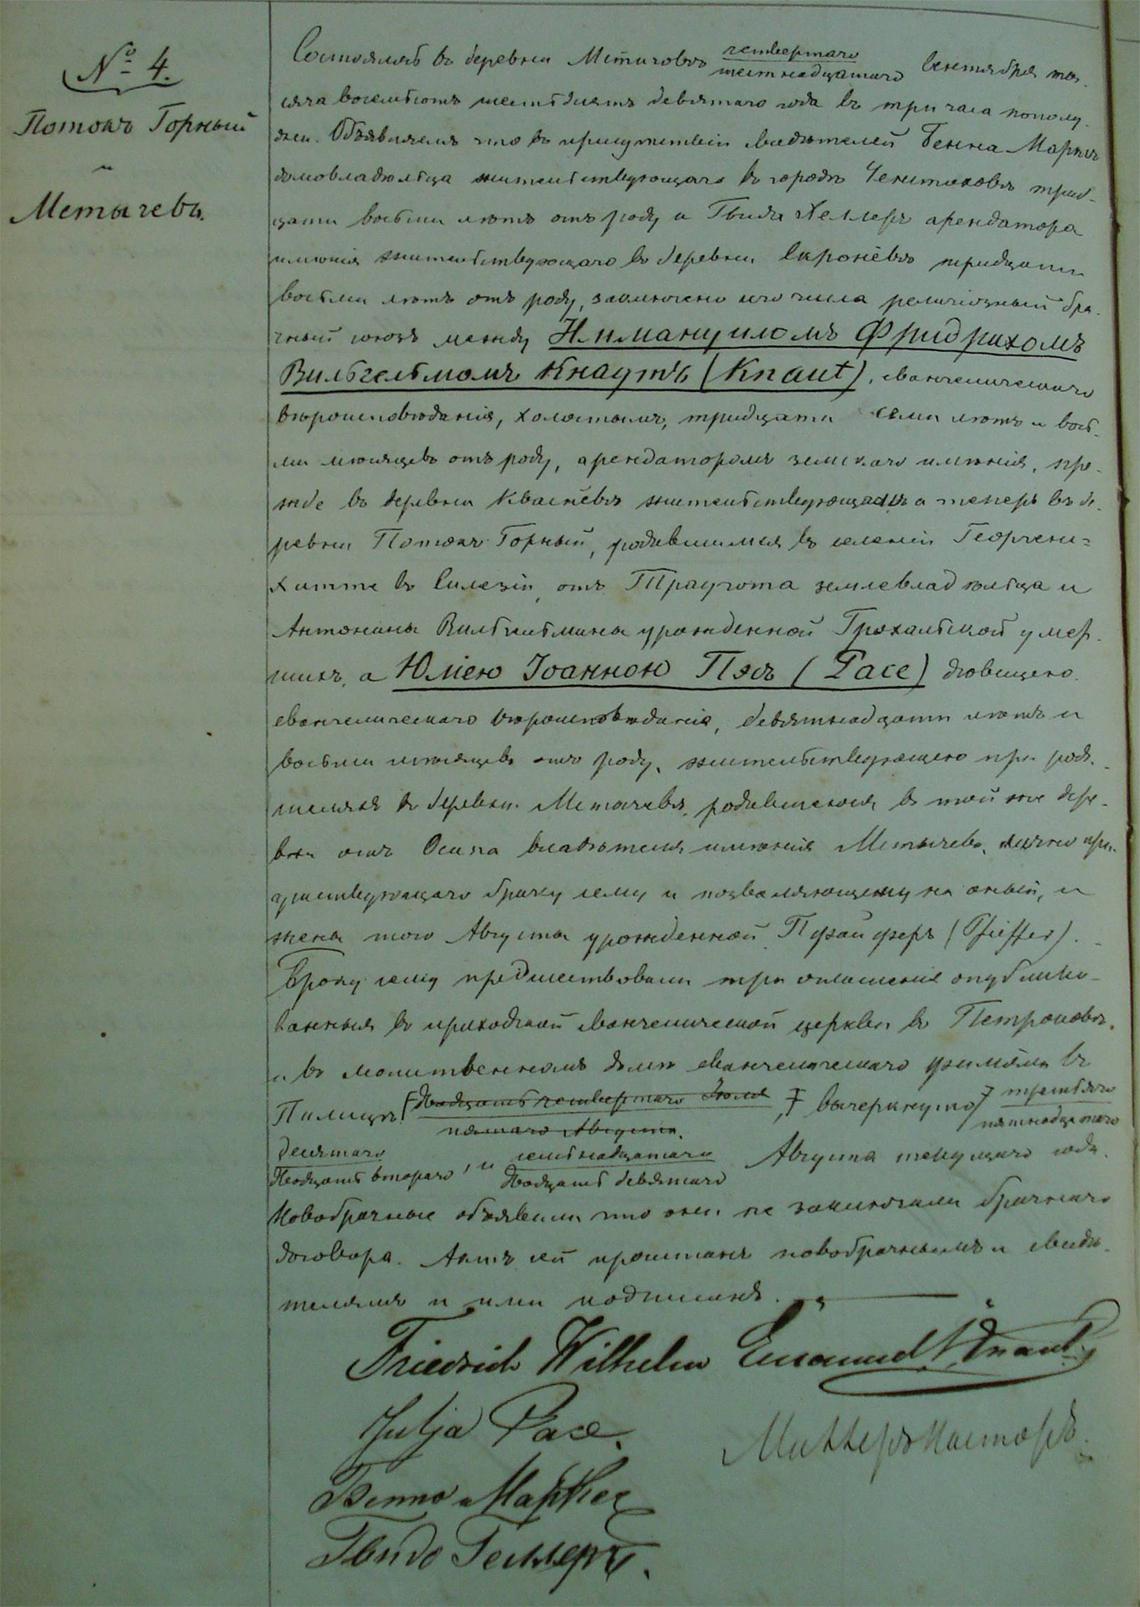 Akt stanu cywilnego małżeństwa Emanuel Fryderyk Wilhelm Knaut & Julia Joanna Pace 04/16.09.1869 r.